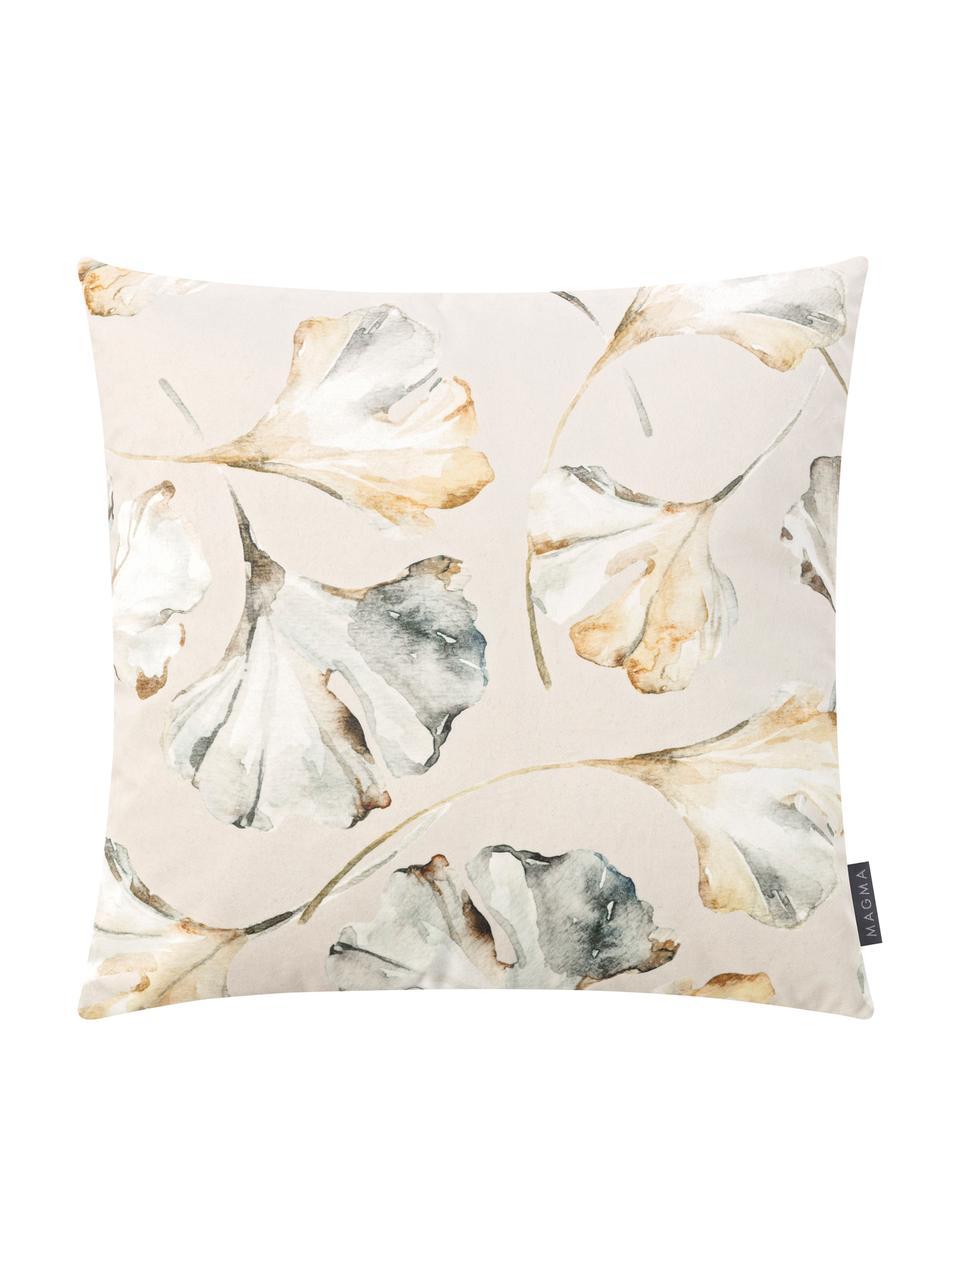 Samt-Wendekissenhülle Flores mit Ginkgo-Print, 100% Polyestersamt, Beige, Mehrfarbig, 50 x 50 cm